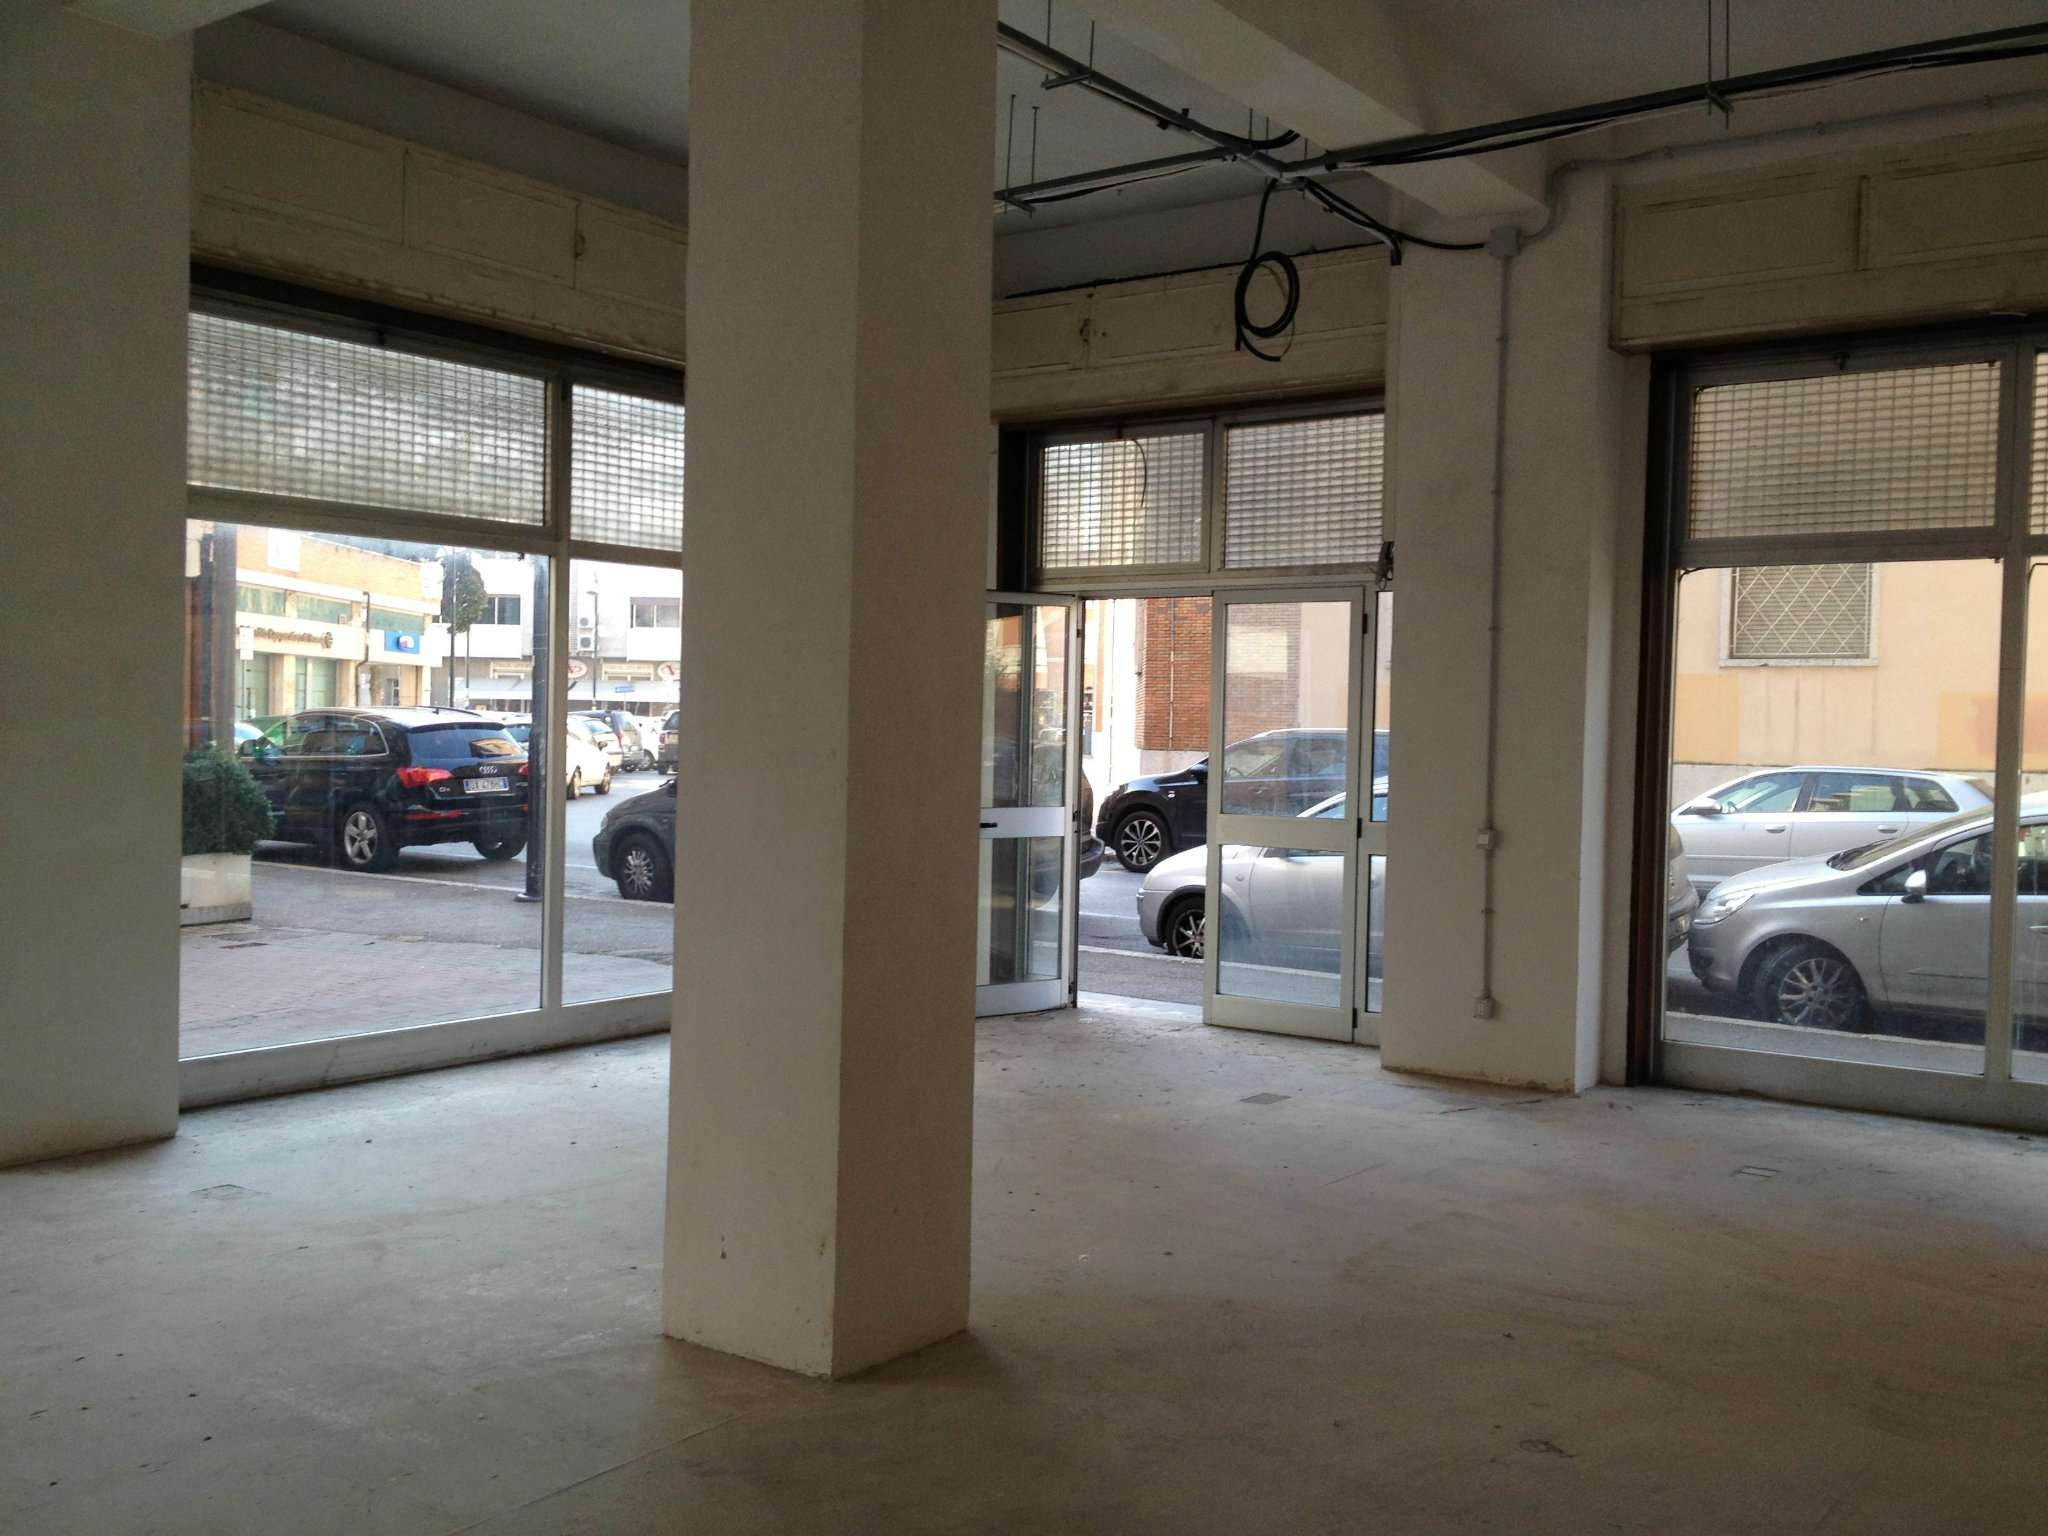 Locale commerciale ad uso negozio con vetrine Rif. 8007289